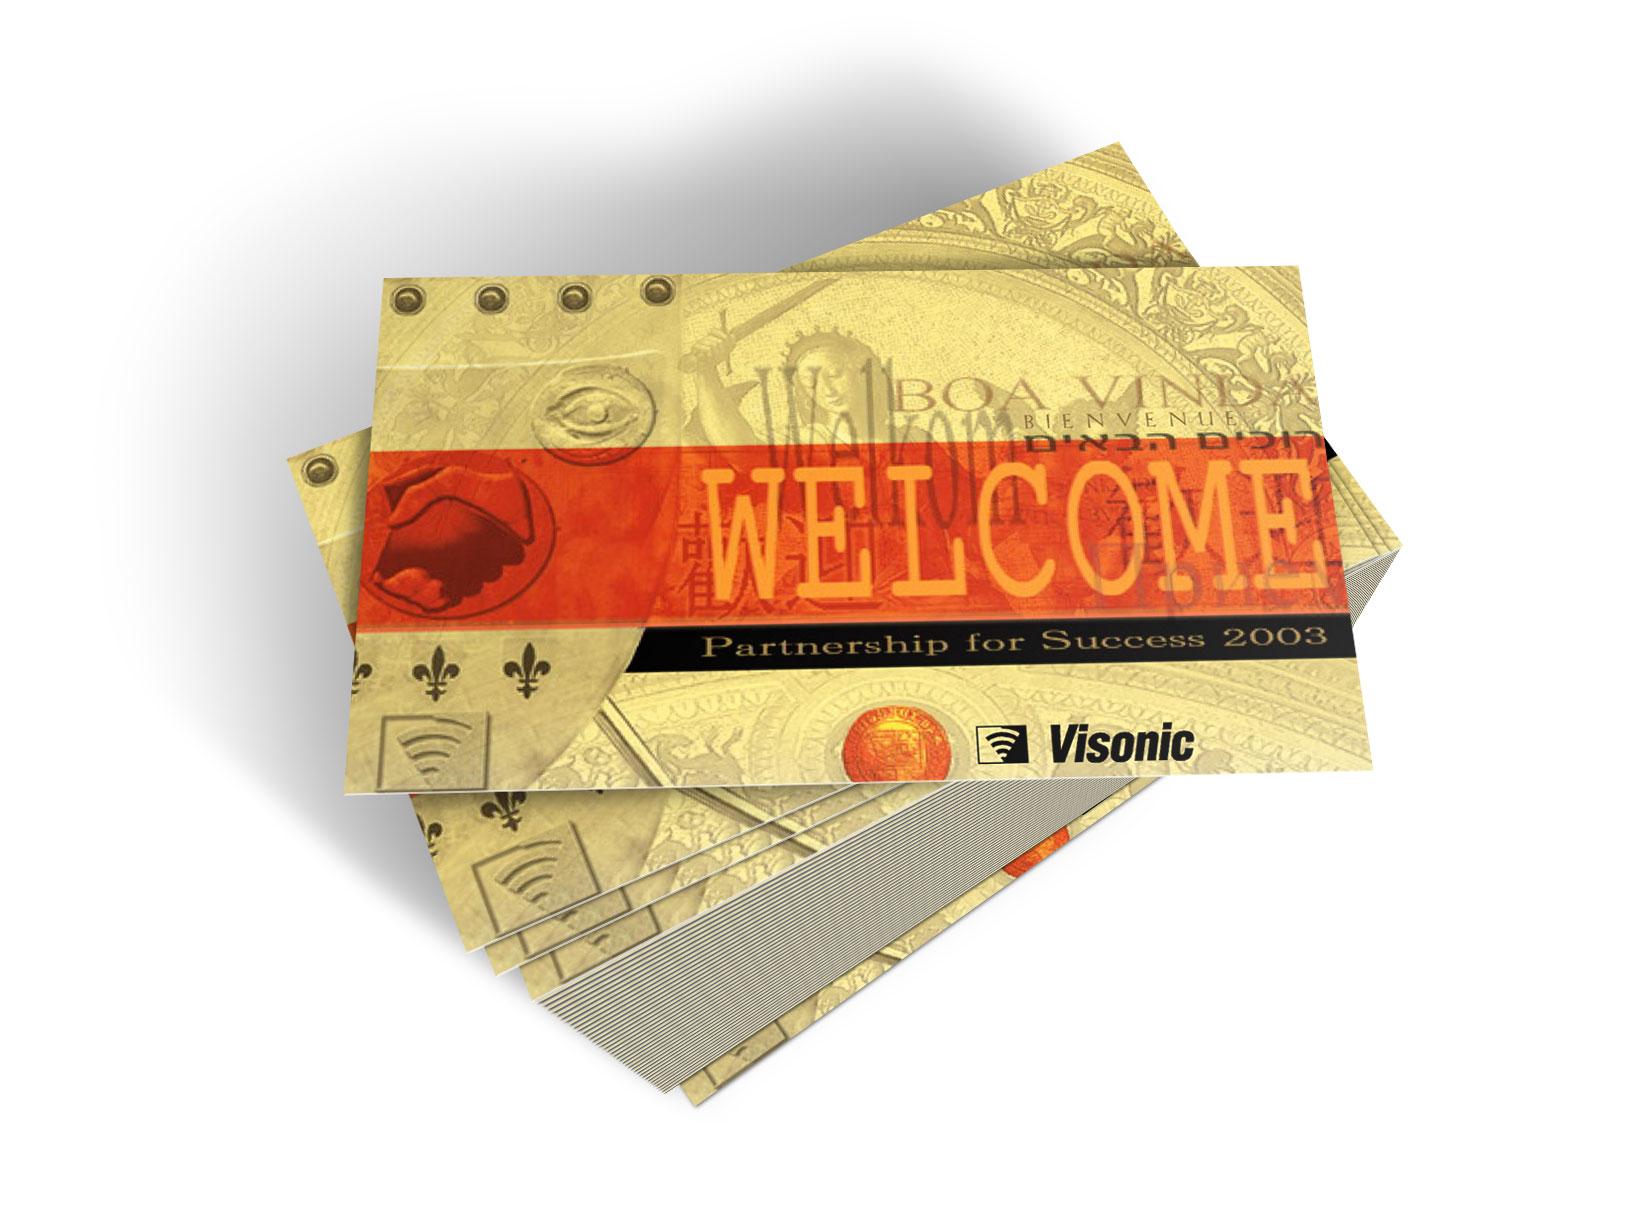 Visonic Group- Client Event Project